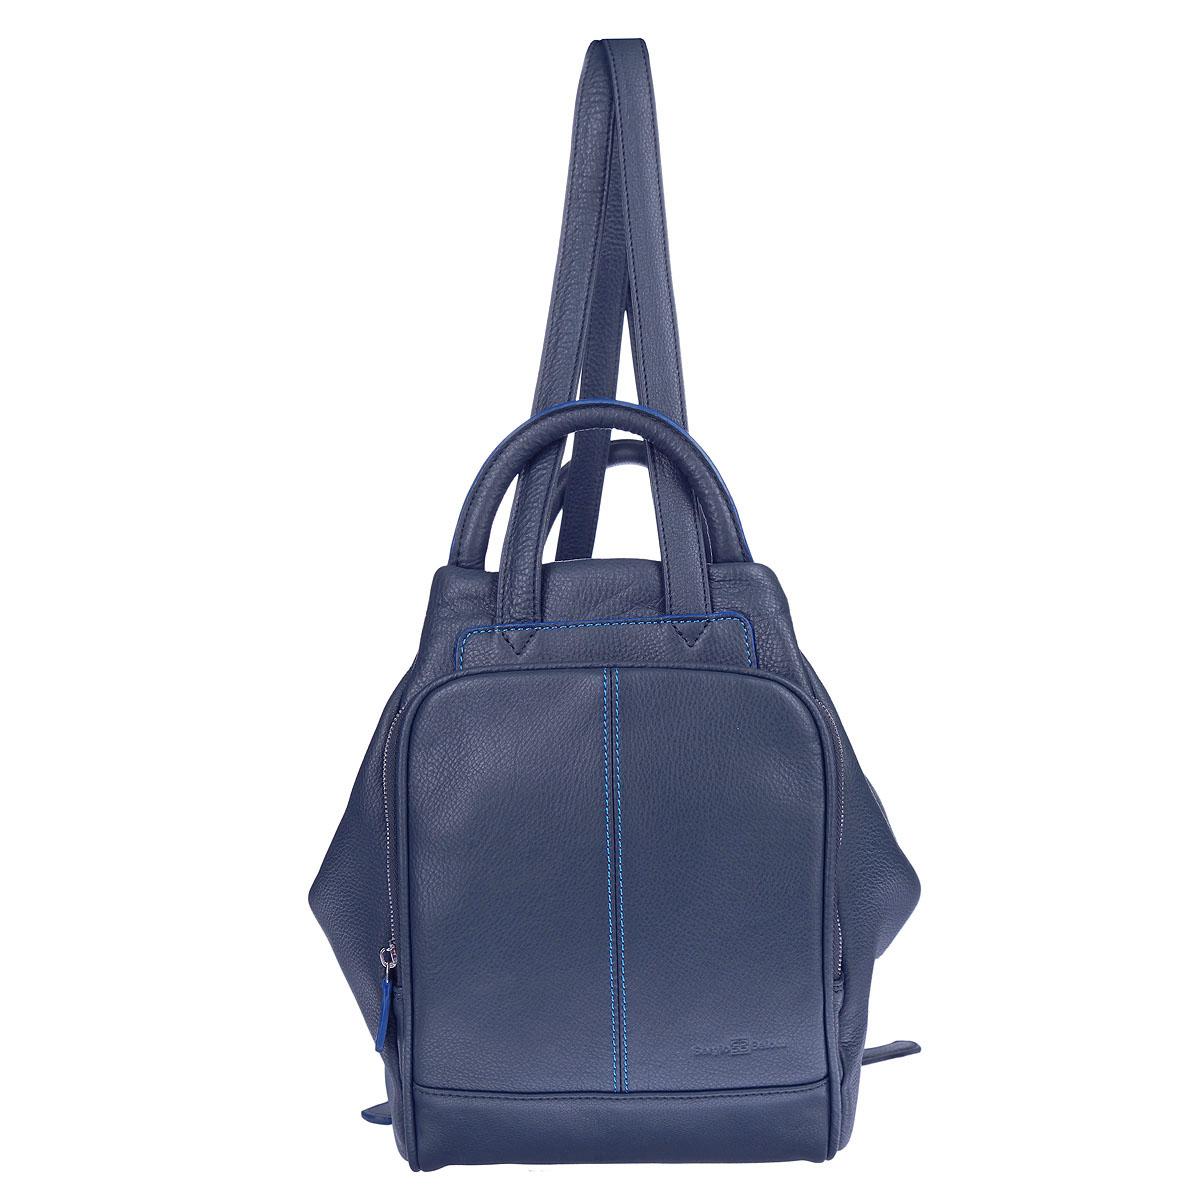 Рюкзак мужской Sergio Belotti, цвет: синий. 9815Костюм Охотник-Штурм: куртка, брюкиУниверсальный мужской рюкзак Sergio Belotti выполнен из натуральной кожи.Рюкзак содержит одно основное отделение, закрывающееся на застежку-молнию. Внутри размещены два вшитых кармана на молниях. Снаружи изделие дополнено накладным карманом на молнии, внутри которого размещены еще два накладных кармана. Рюкзак оснащен регулируемыми плечевыми лямками и дополнен удобными ручками.Такой стильный и в то же время, элегантный рюкзак - станет идеальным дополнением к вашему образу.